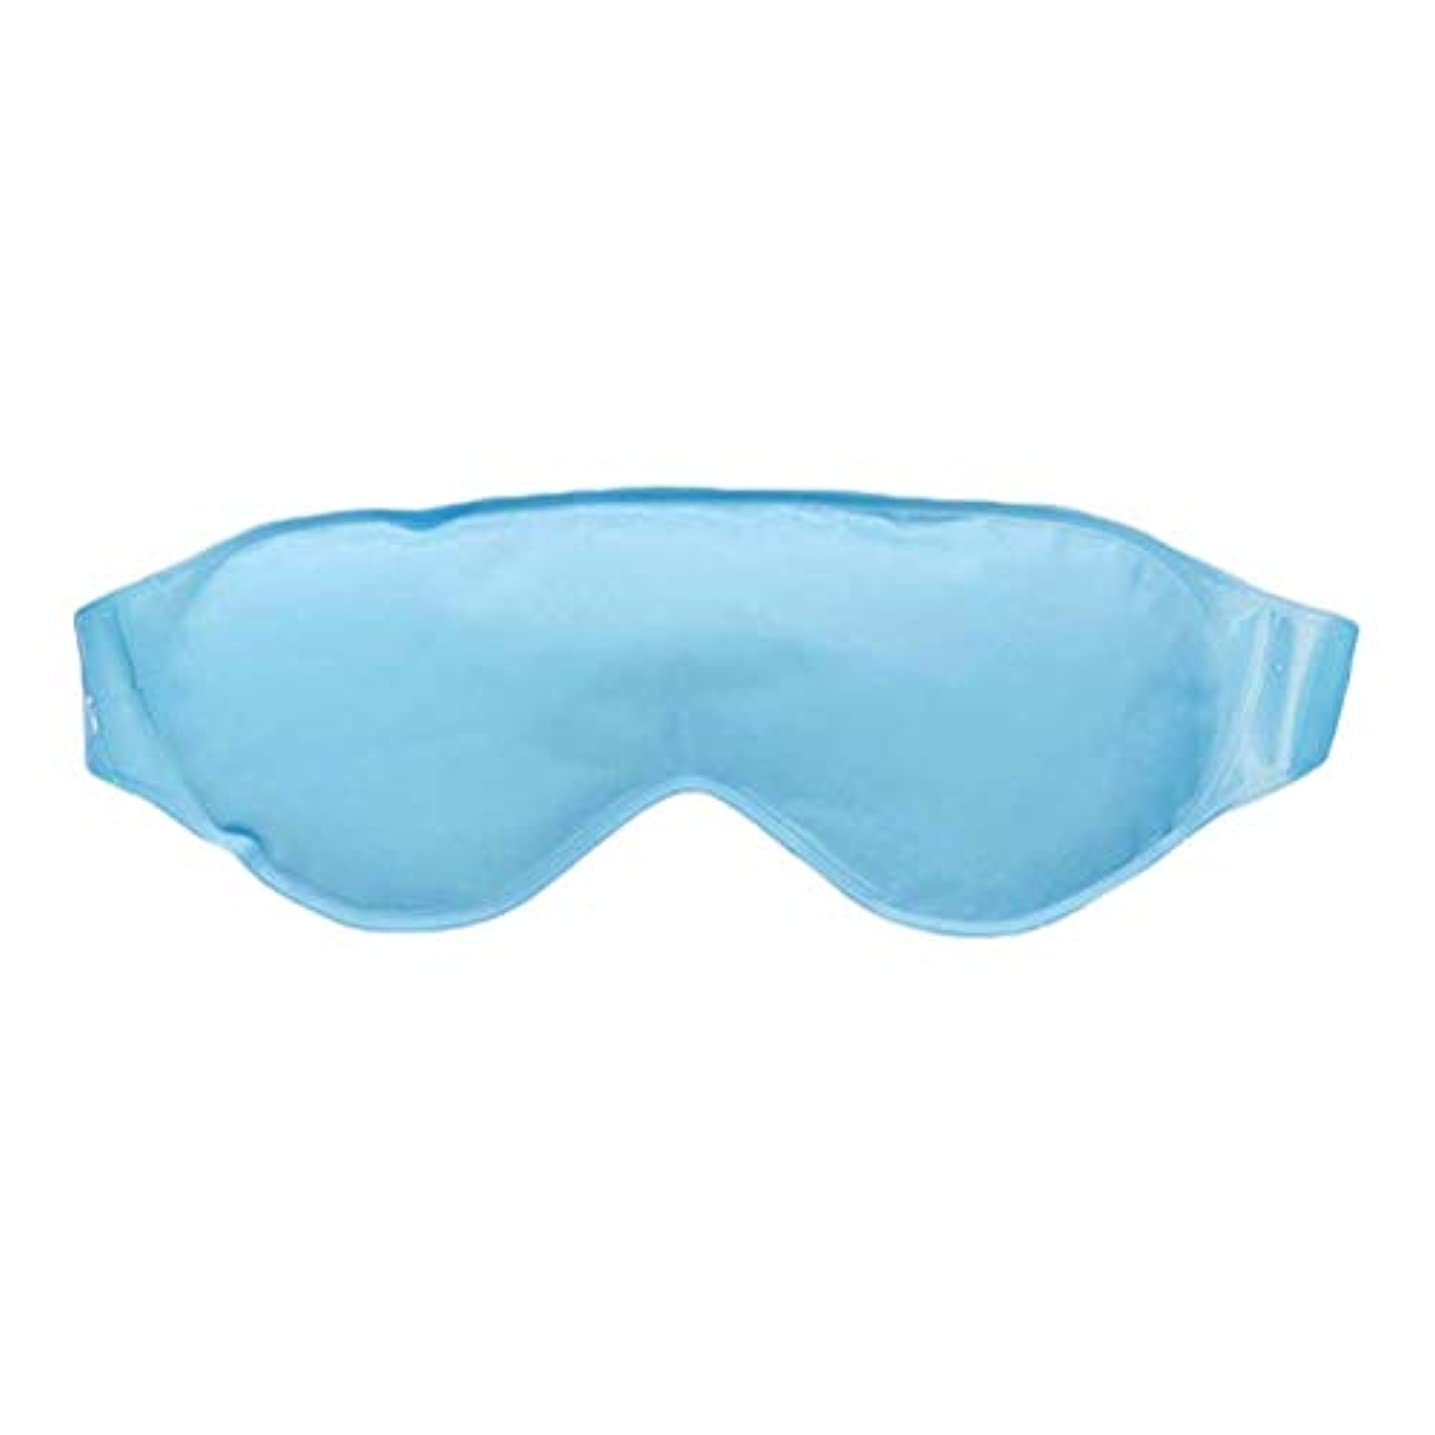 ゴネリルそのような不健全Healifty アイスアイマスクパッチ夏目隠し冷却リラックスブラインドアイリラックスセラピーマスク